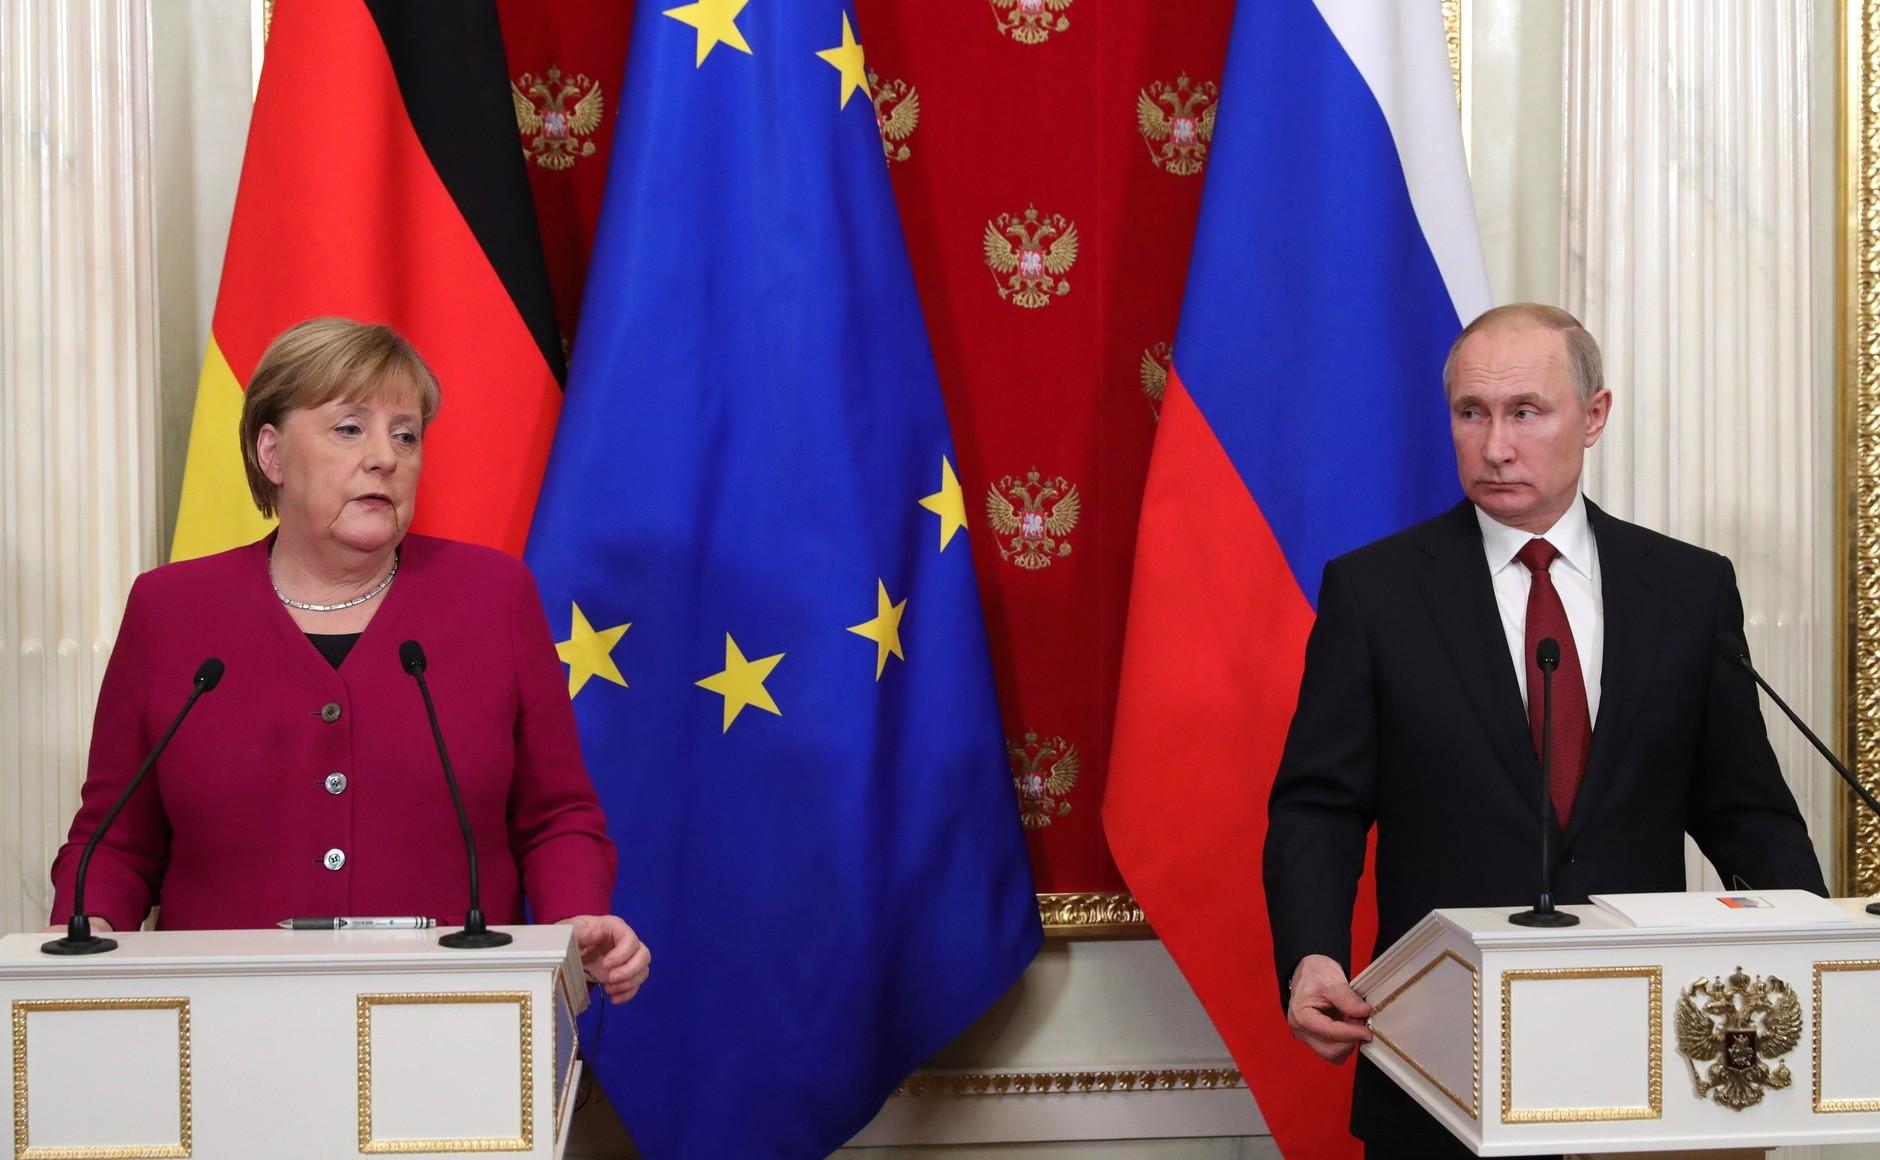 Состоялся телефонный разговор Владимира Путина с Федеральным канцлером Федеративной Республики Германия Ангелой Меркель.